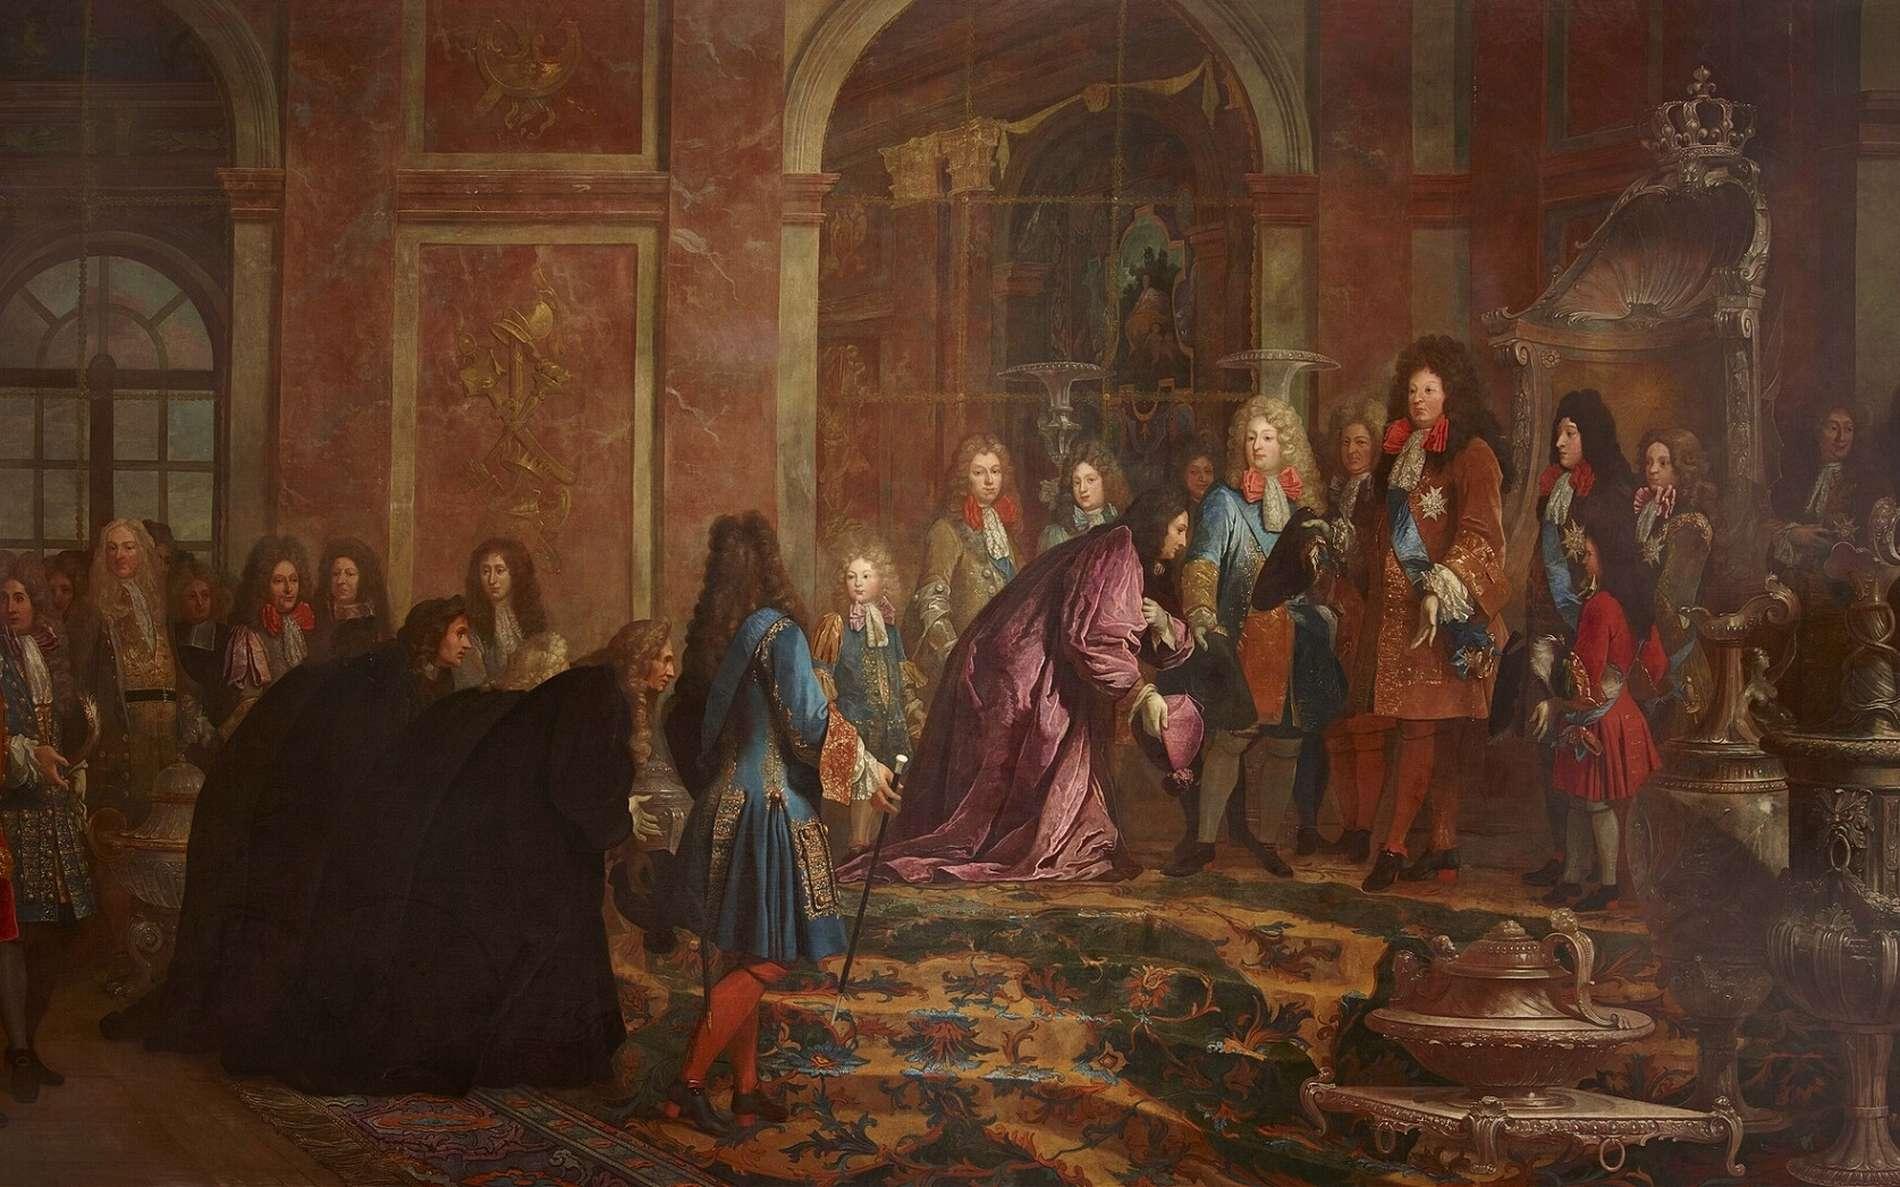 Louis XIV reçoit le doge de Gênes dans la Galerie des Glaces, à Versailles, en mai 1685. Carton de tapisserie réalisé par Claude-Guy Hallé en 1715, commandé par le roi à la manufacture des Gobelins. Château de Versailles. © Wikimedia Commons, domaine public